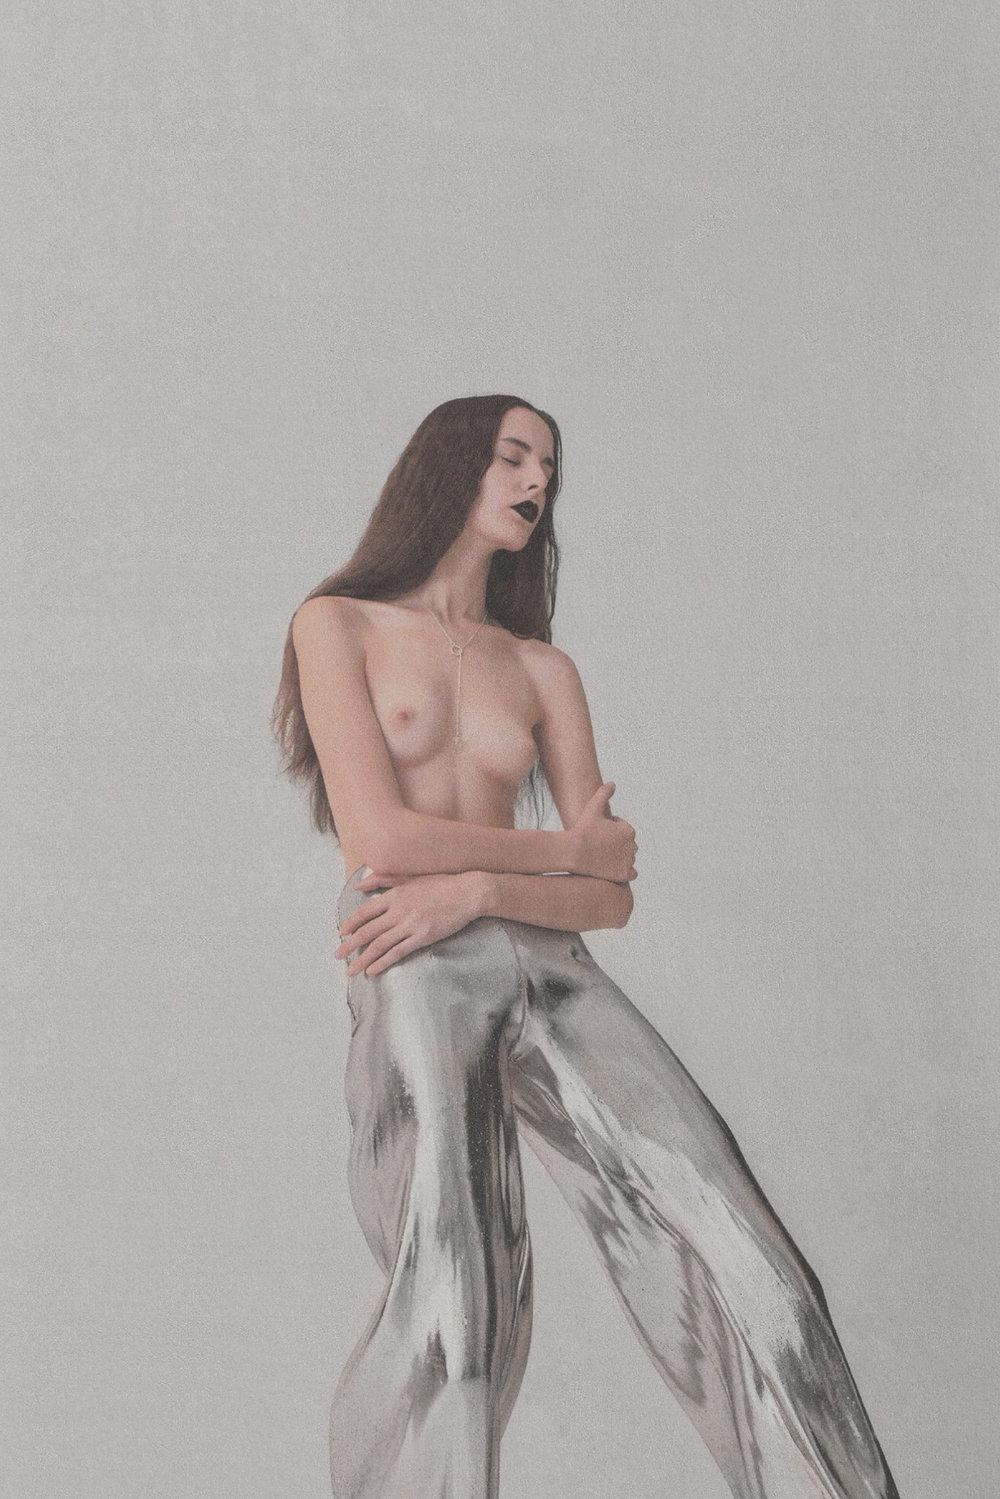 Vogue Ukraine: Crépuscule Pants for Anatheine Lookbook    https://vogue.ua/article/fashion/aksessuary/cvety-vo-ldu-kak-sozdayutsya-ukrasheniya-anatheine.html